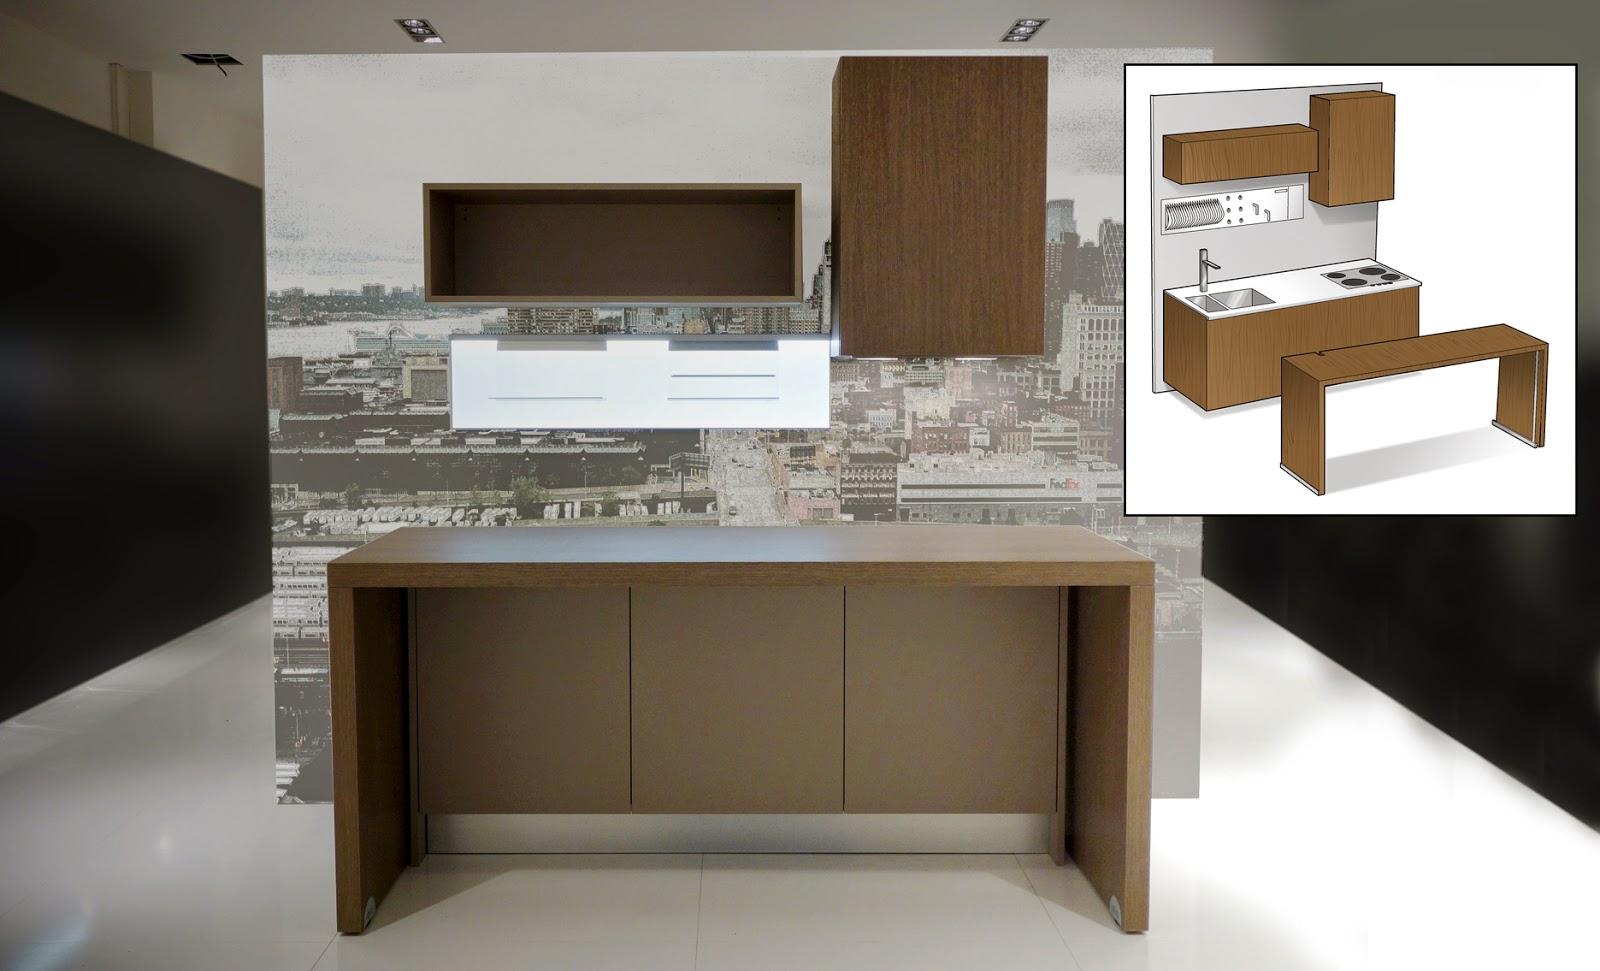 Cucina moderna piccola el29 regardsdefemmes - Cucina moderna piccola ...